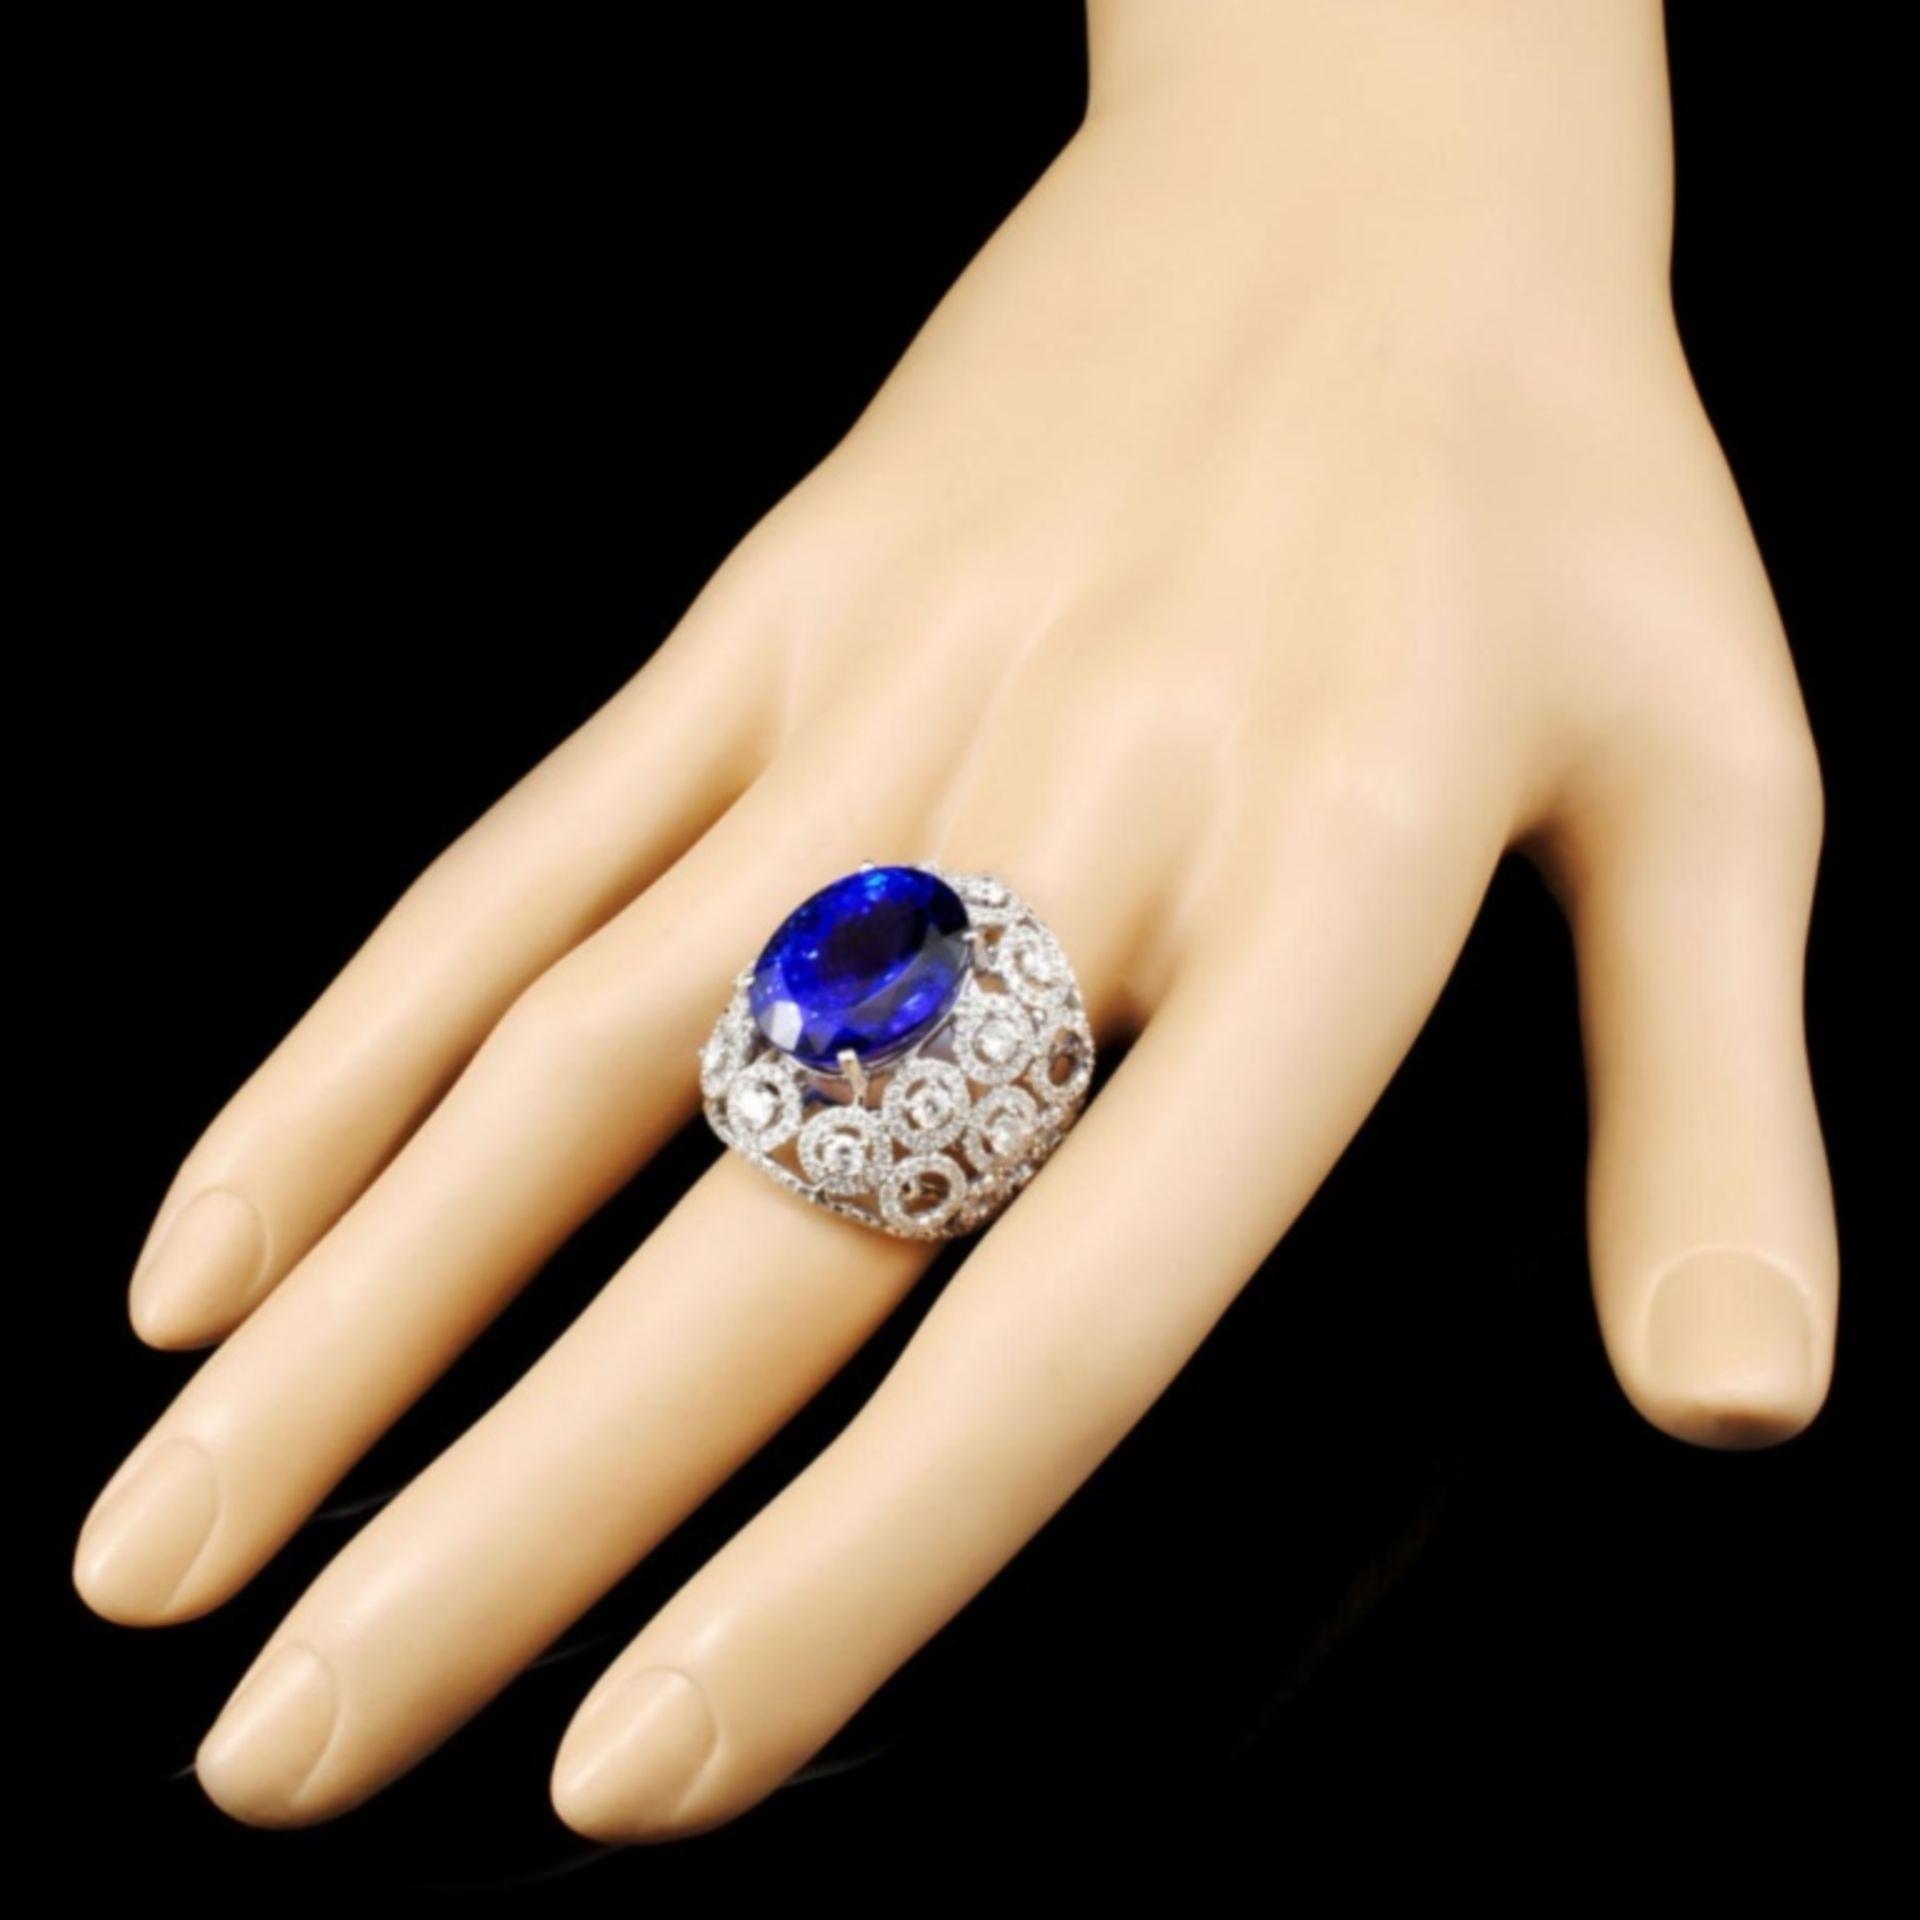 18K Gold 15.49ct Tanzanite & 2.68ctw Diamond Ring - Image 3 of 5